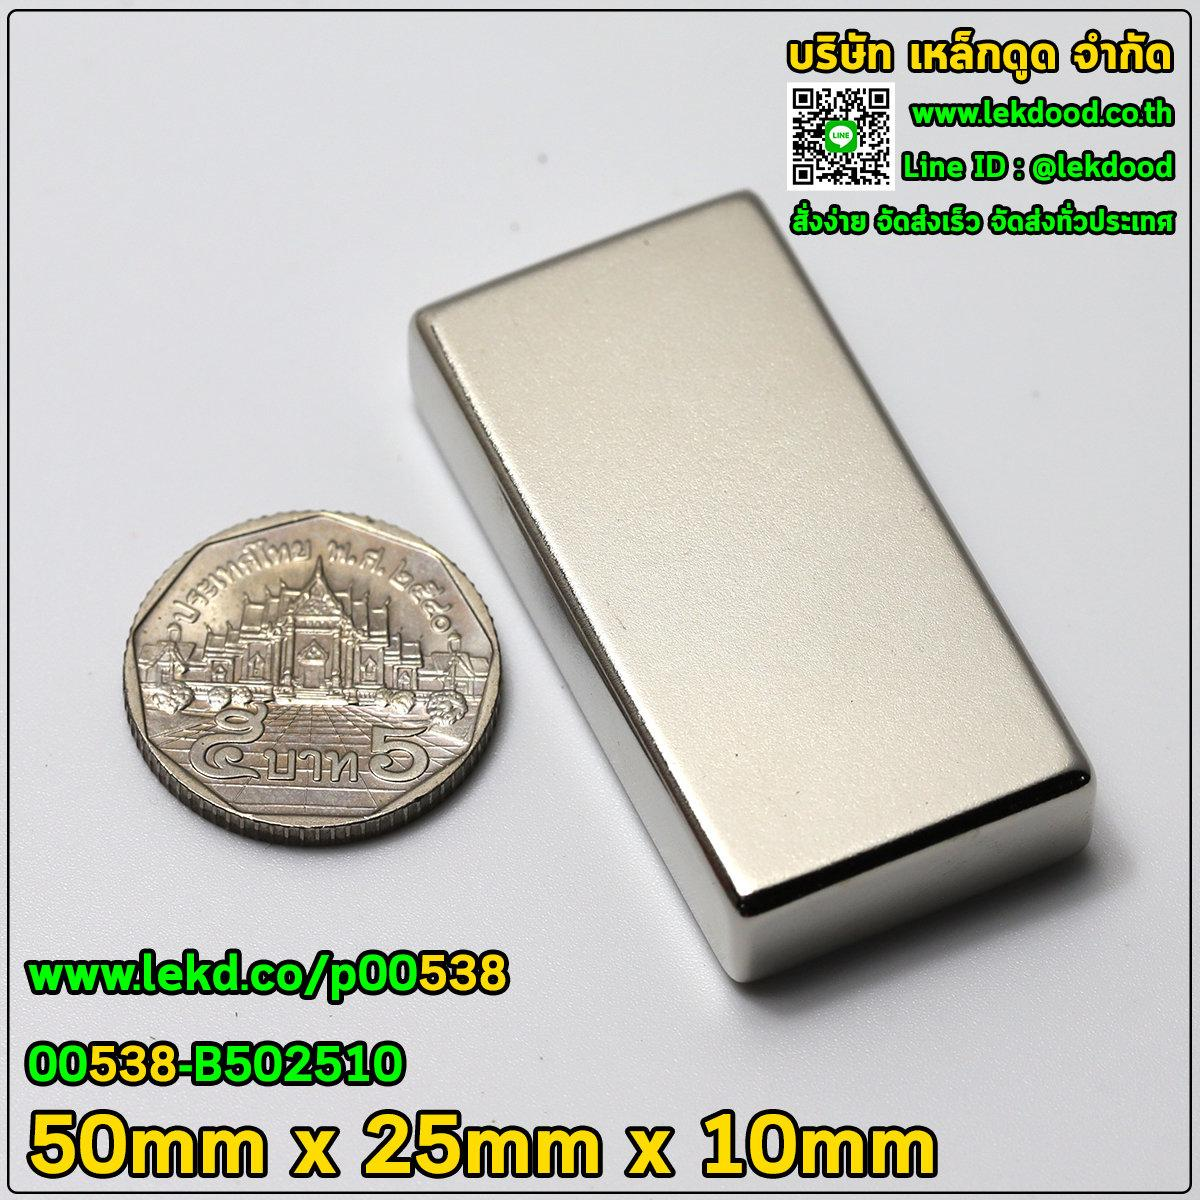 > แรงดูดสูงสุด 33,931 กรัมแรง < ขนาด 50mm x 25mm x 10mm รหัส 00538-B502510